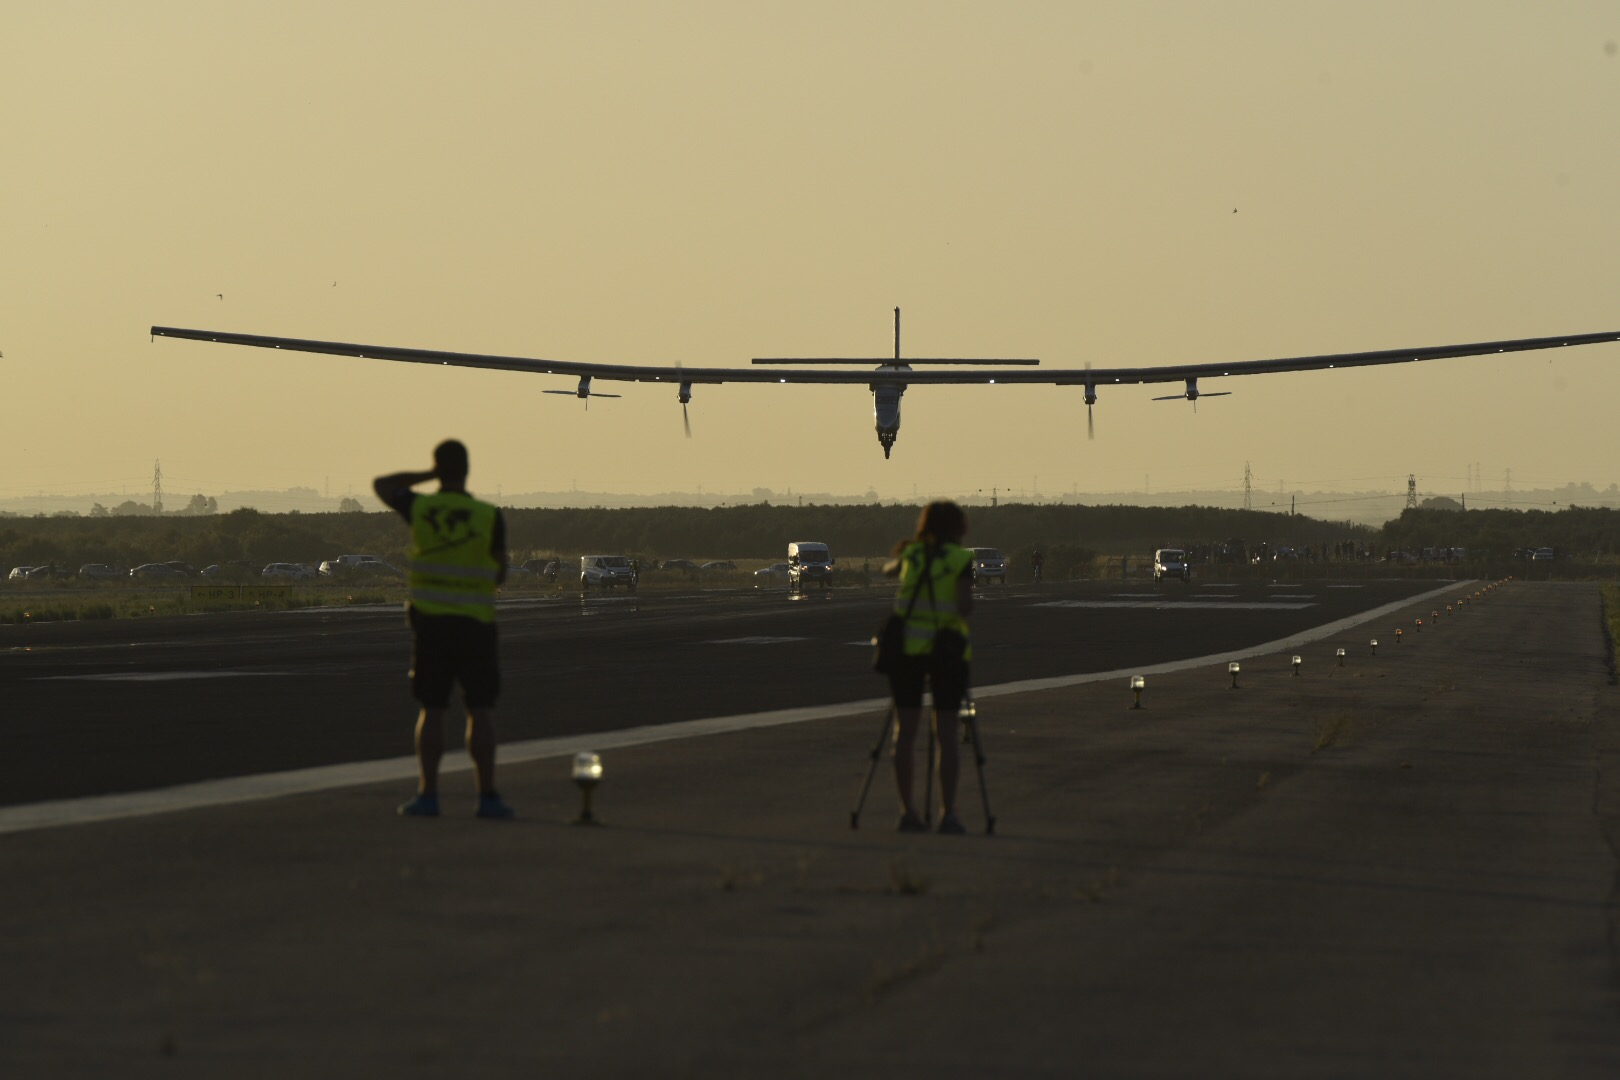 Solar Impulse 2, un reto para la aeronáutica y las energías renovables